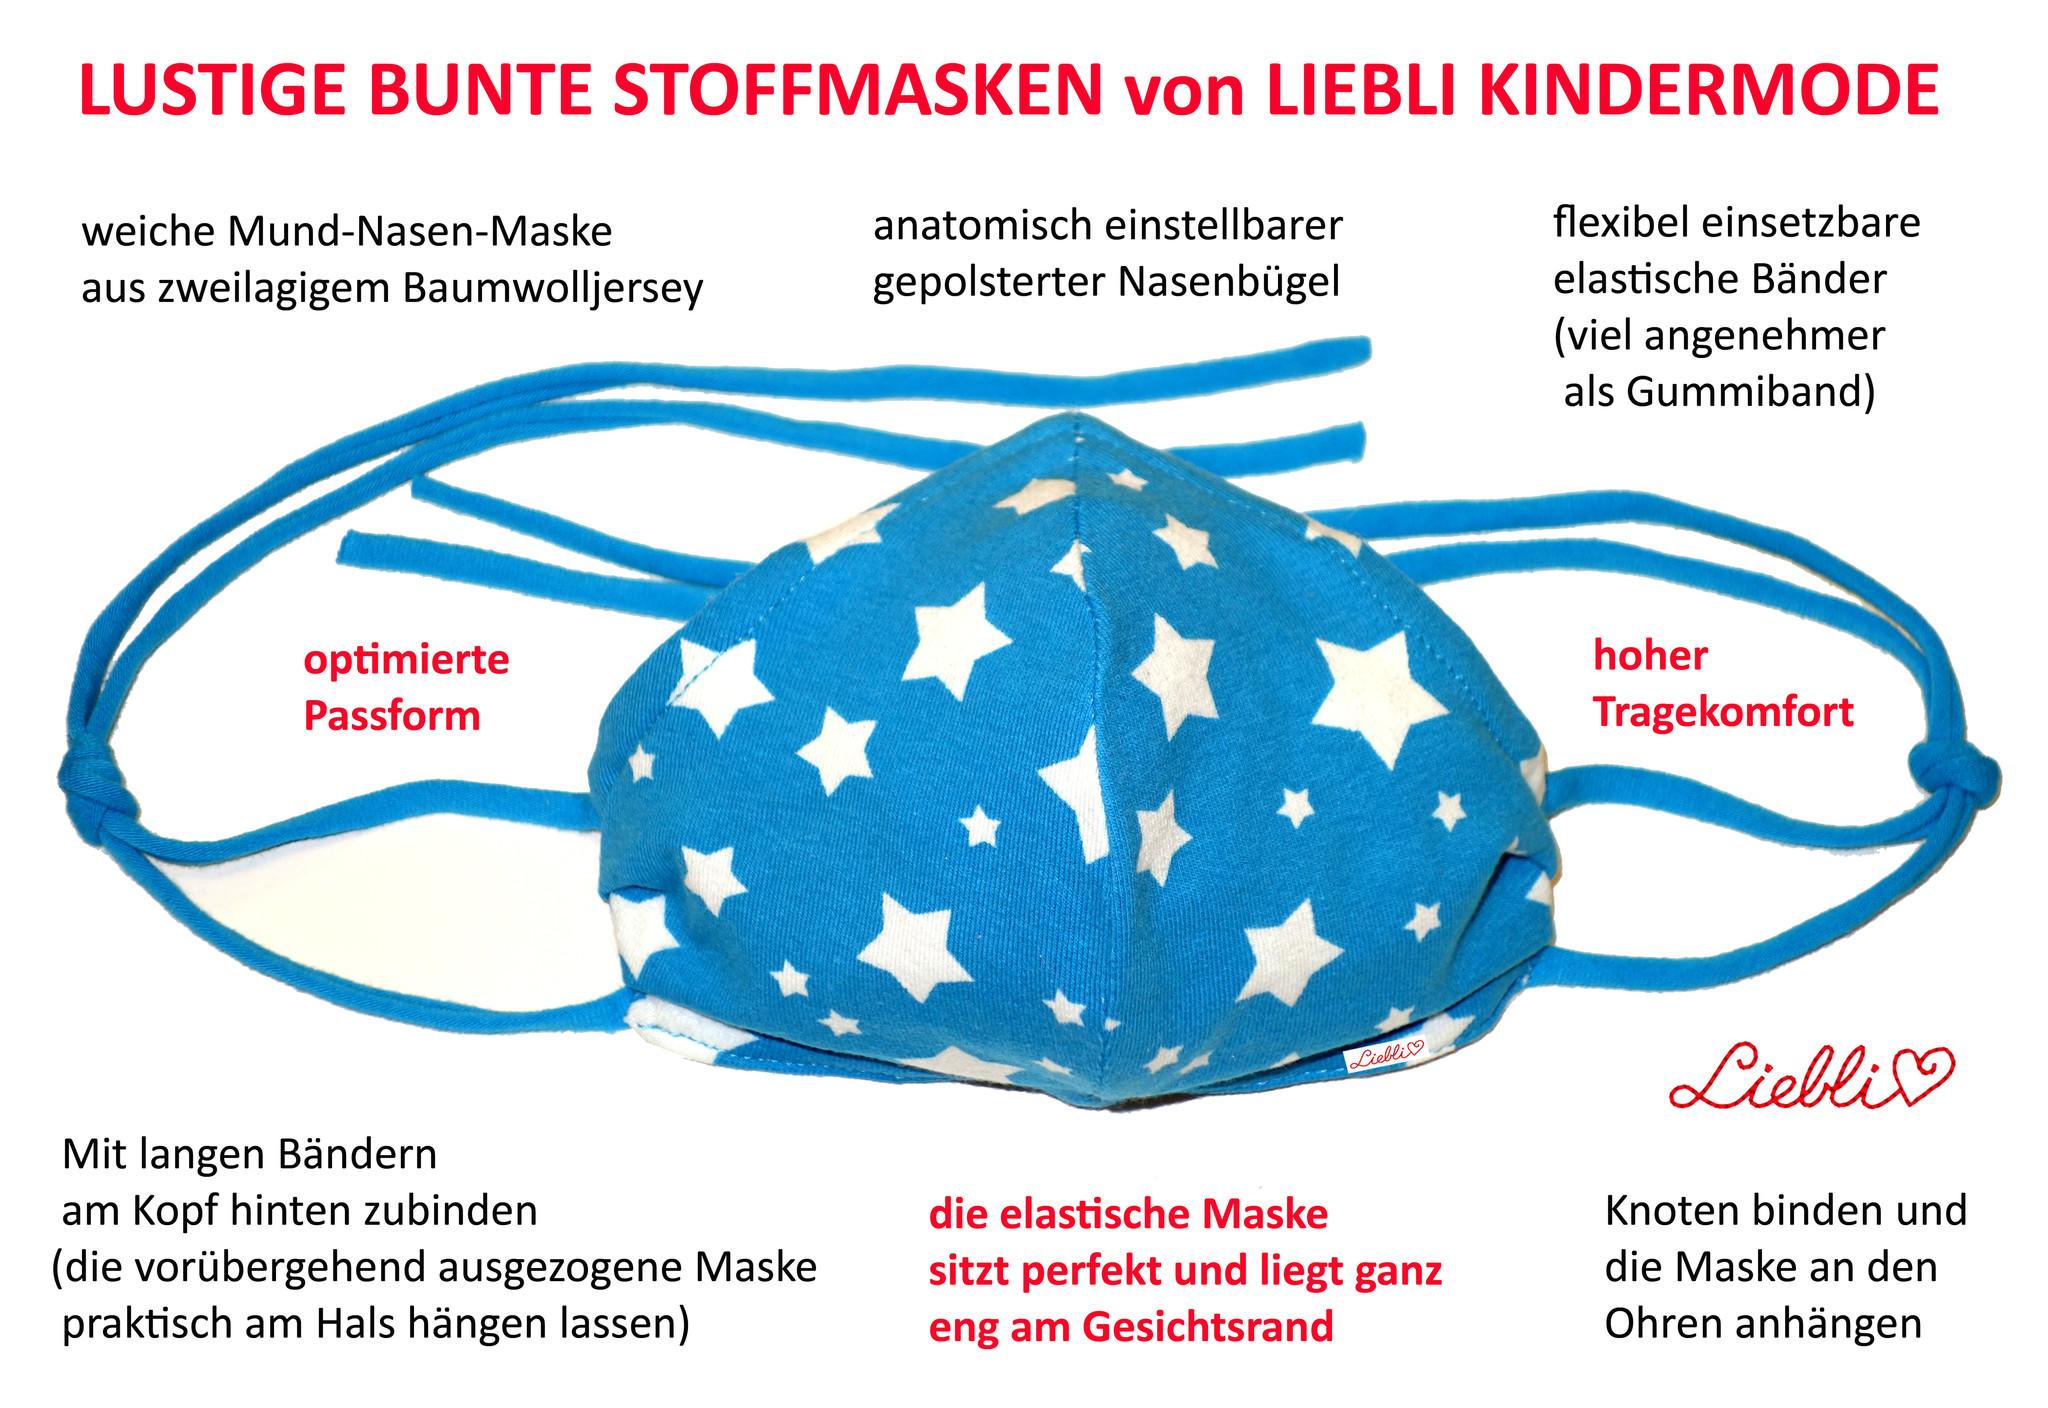 Stoffmasken,Baumwollmasken,bunte Masken,Masken bunt,bunte Stoffmasken,Stoffmasken bunt,Baumwoll-Masken,Masken Baumwolle,Stoffmasken Baumwolle,Mund Masken,Kindermasken,bunte Kindermasken, Kindermasken bunt, Kindermasken Baumwolle